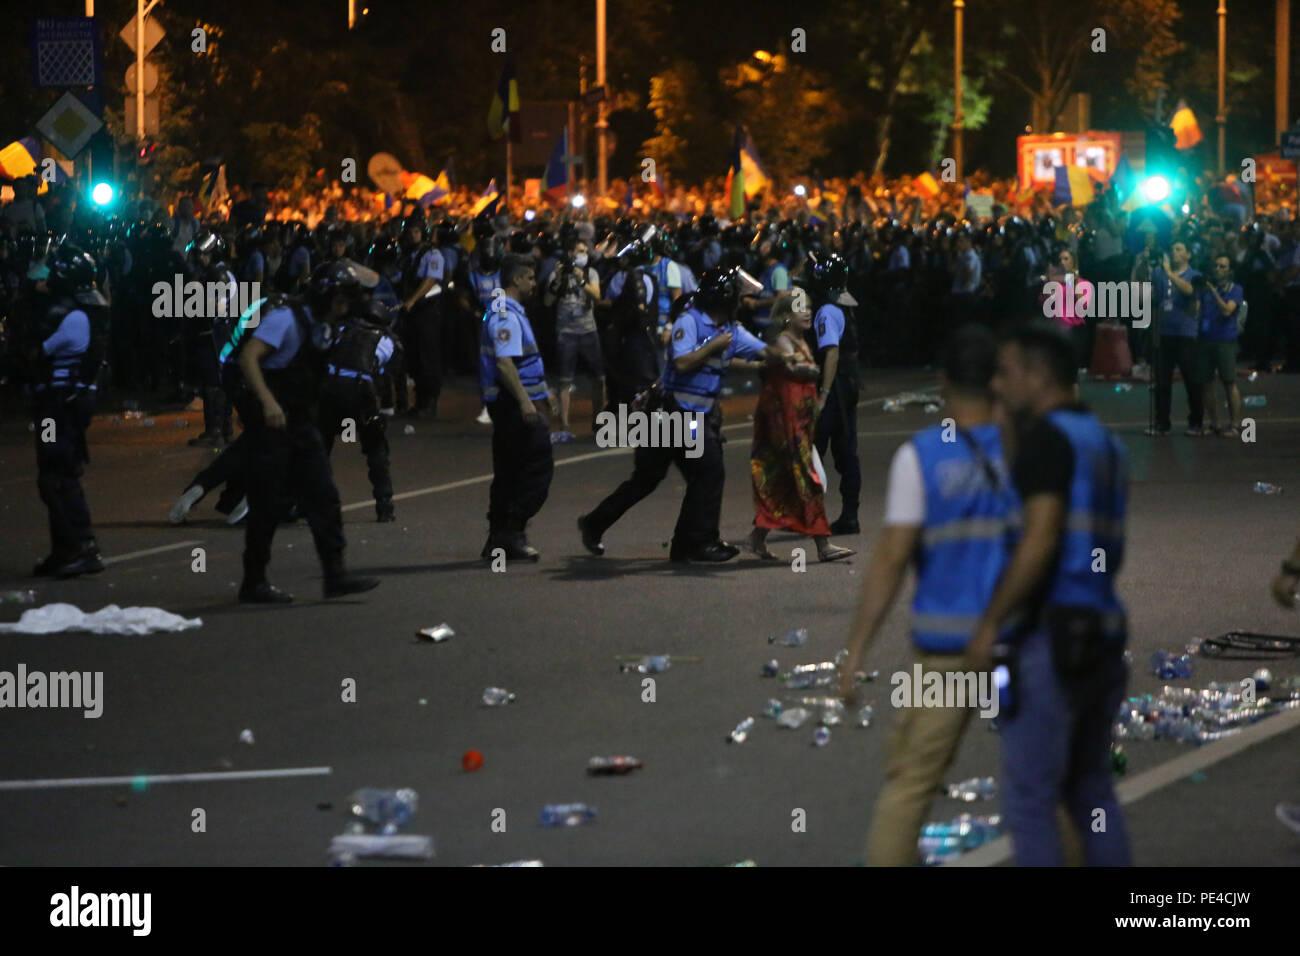 Bucarest, Romania - 10 agosto 2018: decine di migliaia di persone partecipano al violento governo anti-protesta a Bucarest. Immagini Stock